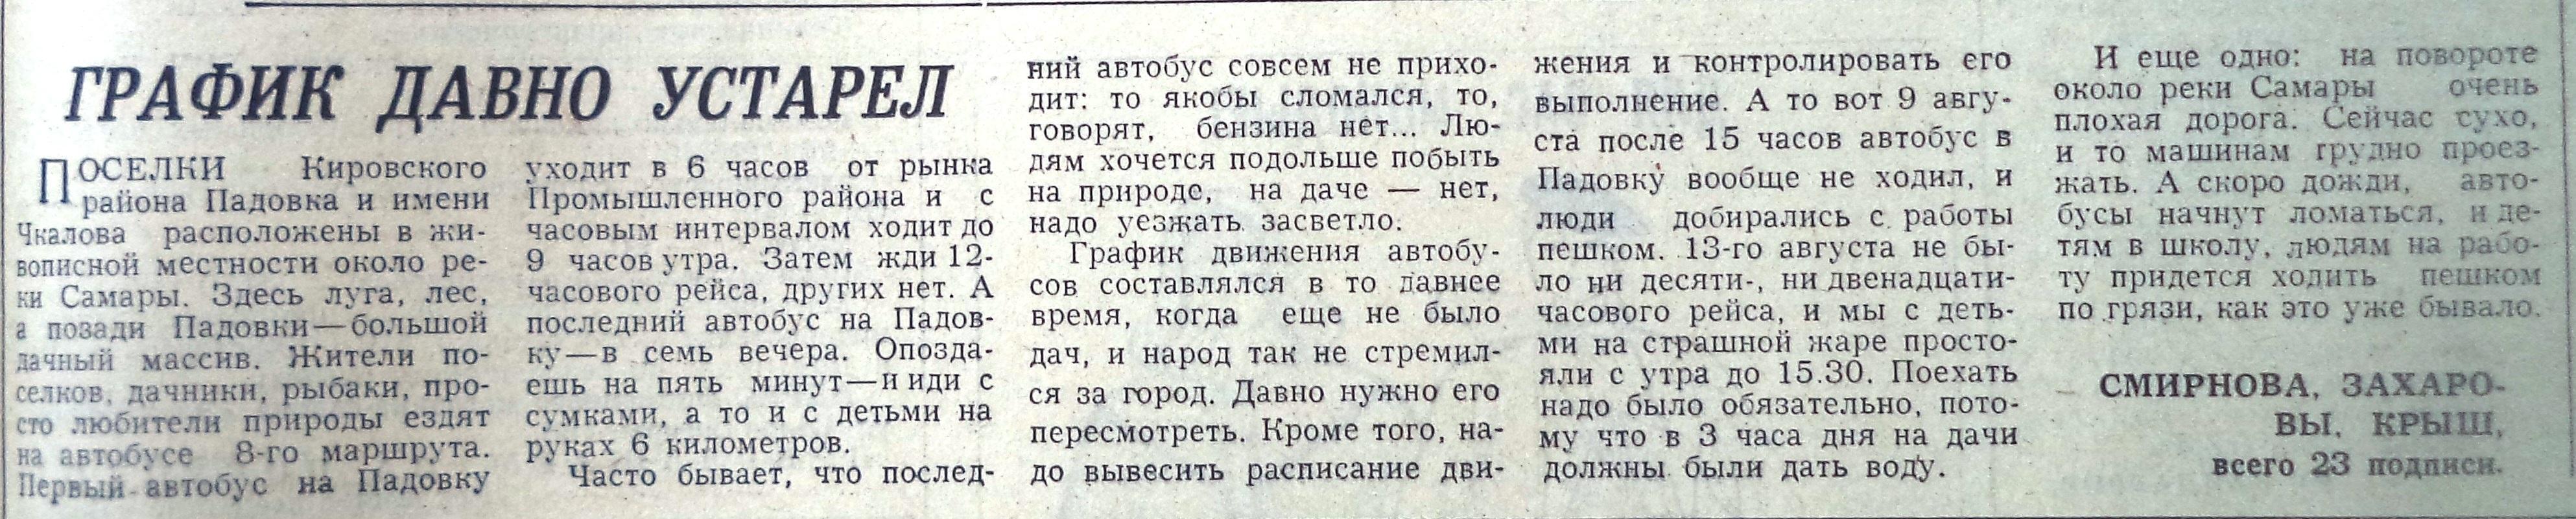 Падовка-ФОТО-12-ВЗя-1985-08-27-пробл. авт. № 8